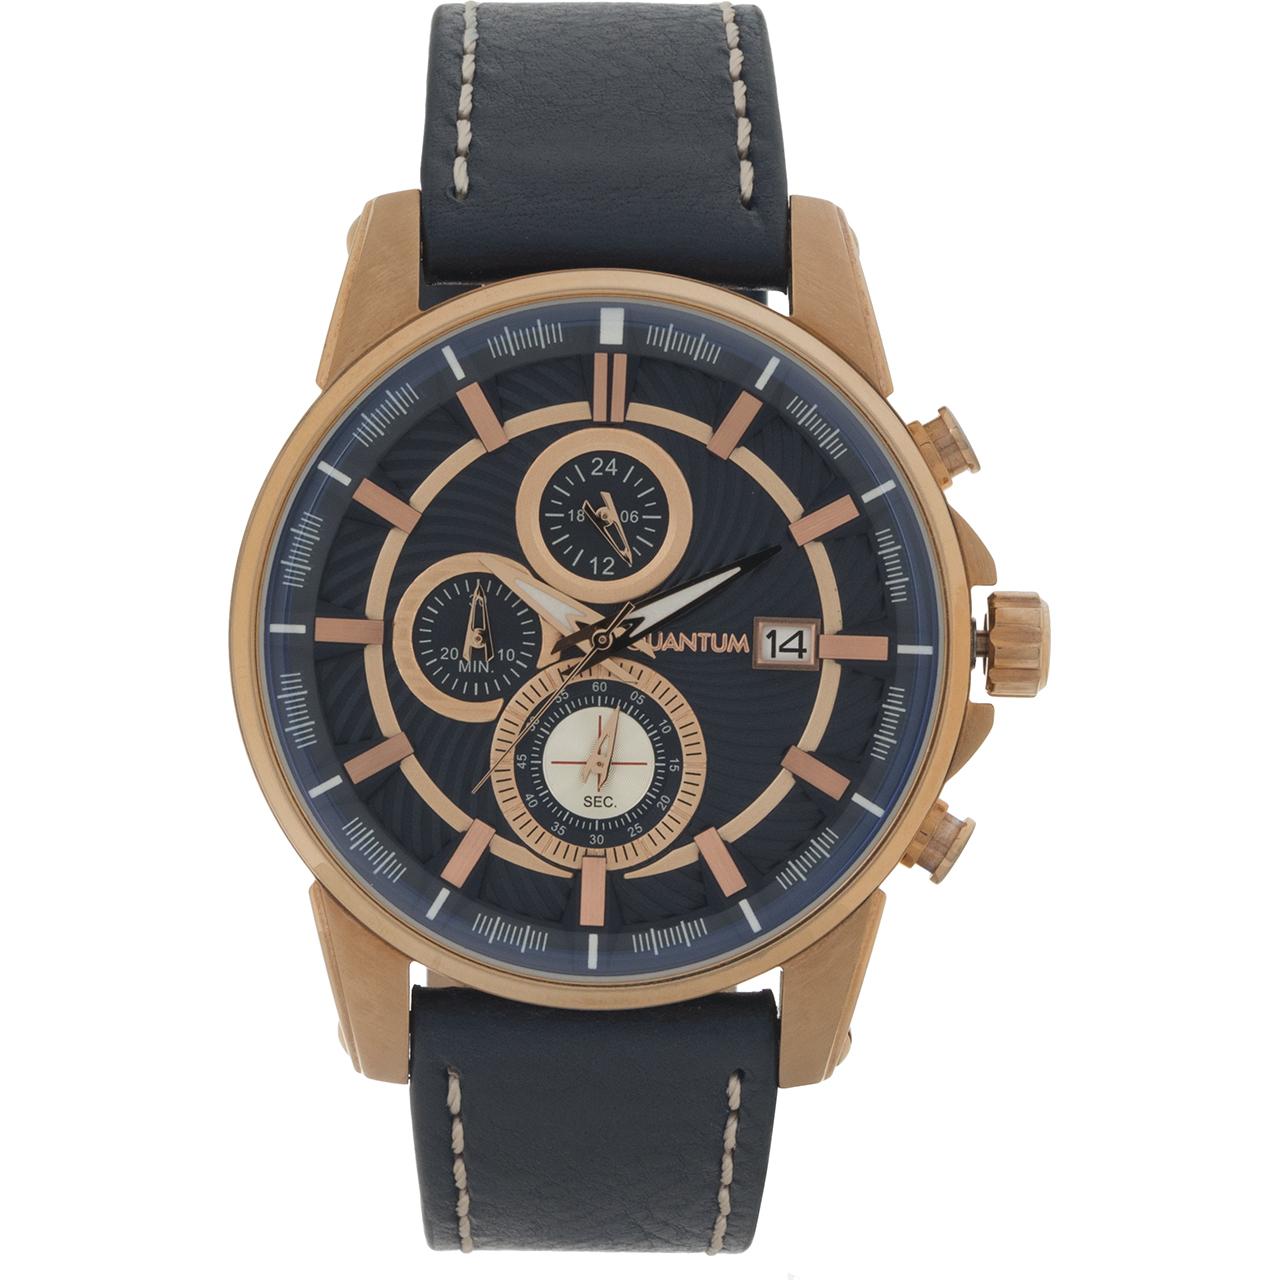 ساعت مچی عقربه ای مردانه کوانتوم مدل ADG541.499